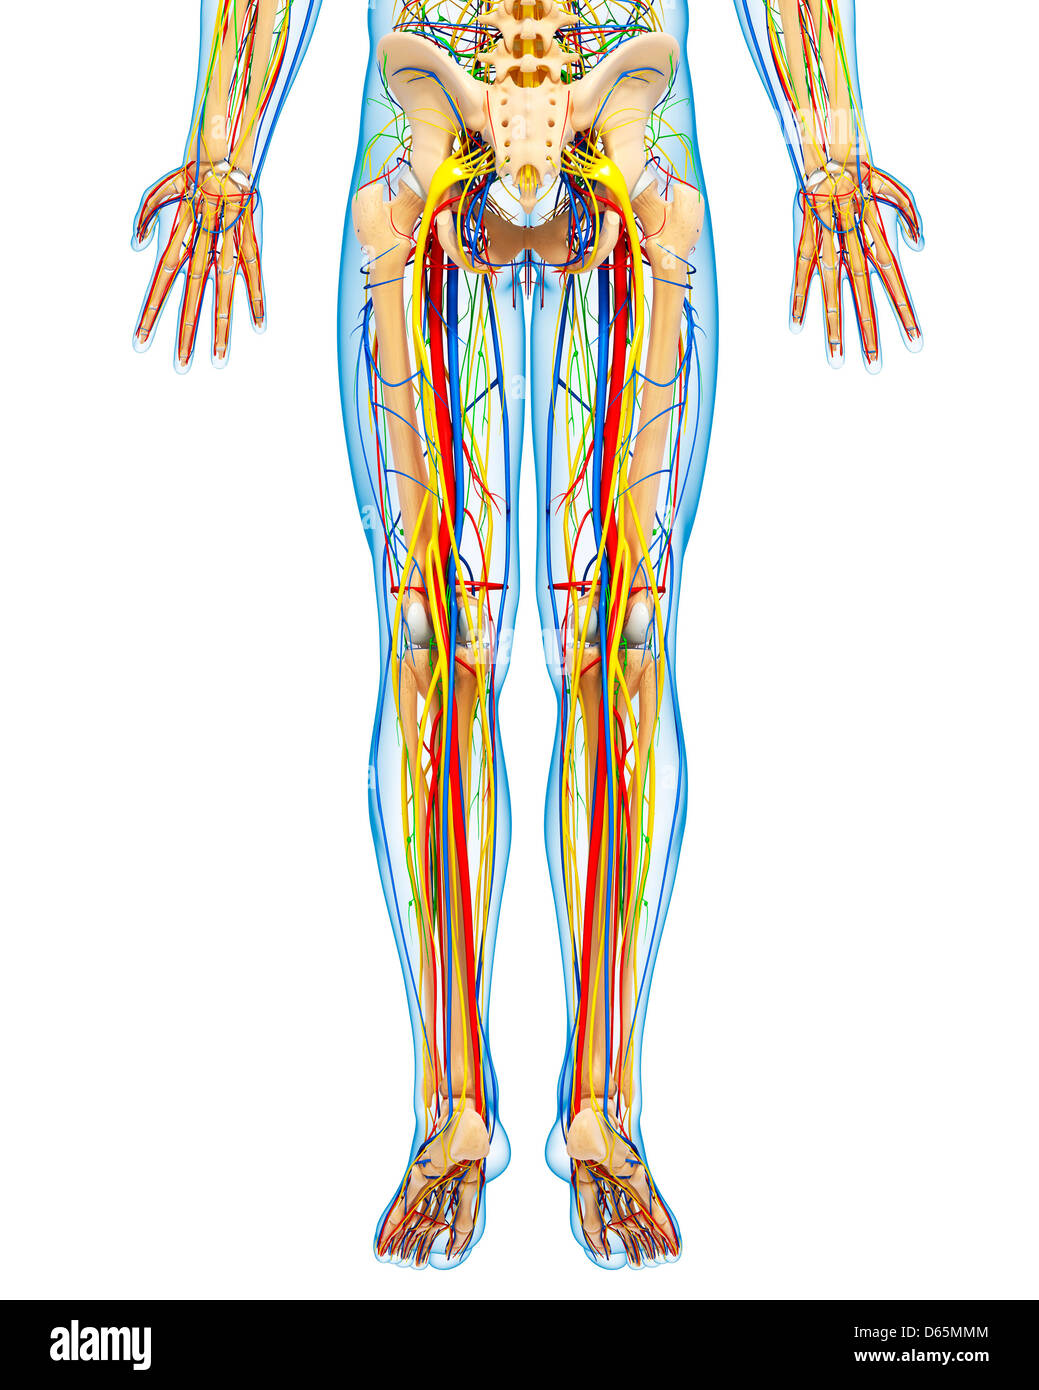 Ausgezeichnet Anatomie Des Unteren Körpers Ideen - Menschliche ...